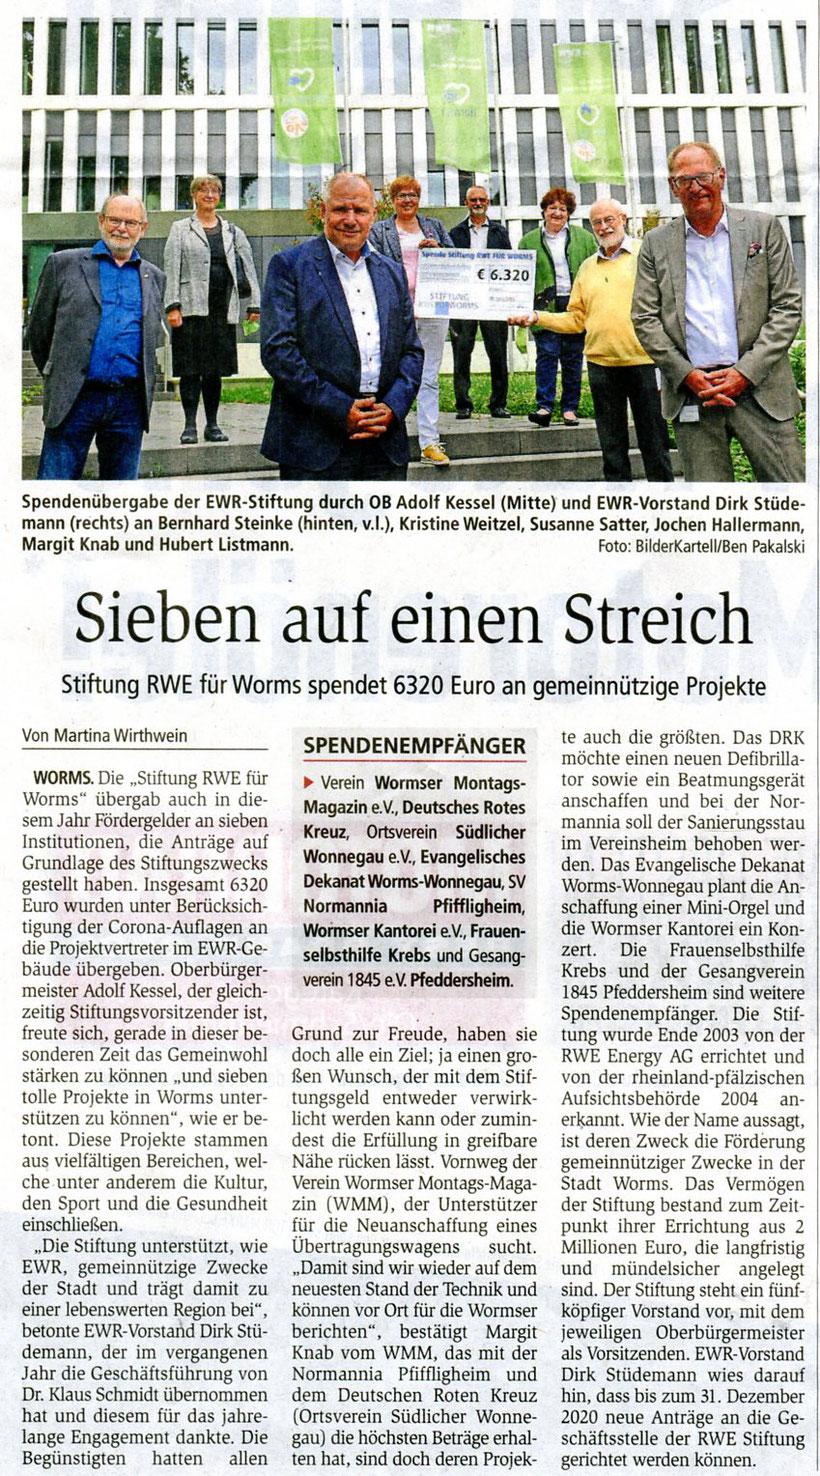 Stiftung RWE für Worms spendete 300 € an Wormser Kantorei.